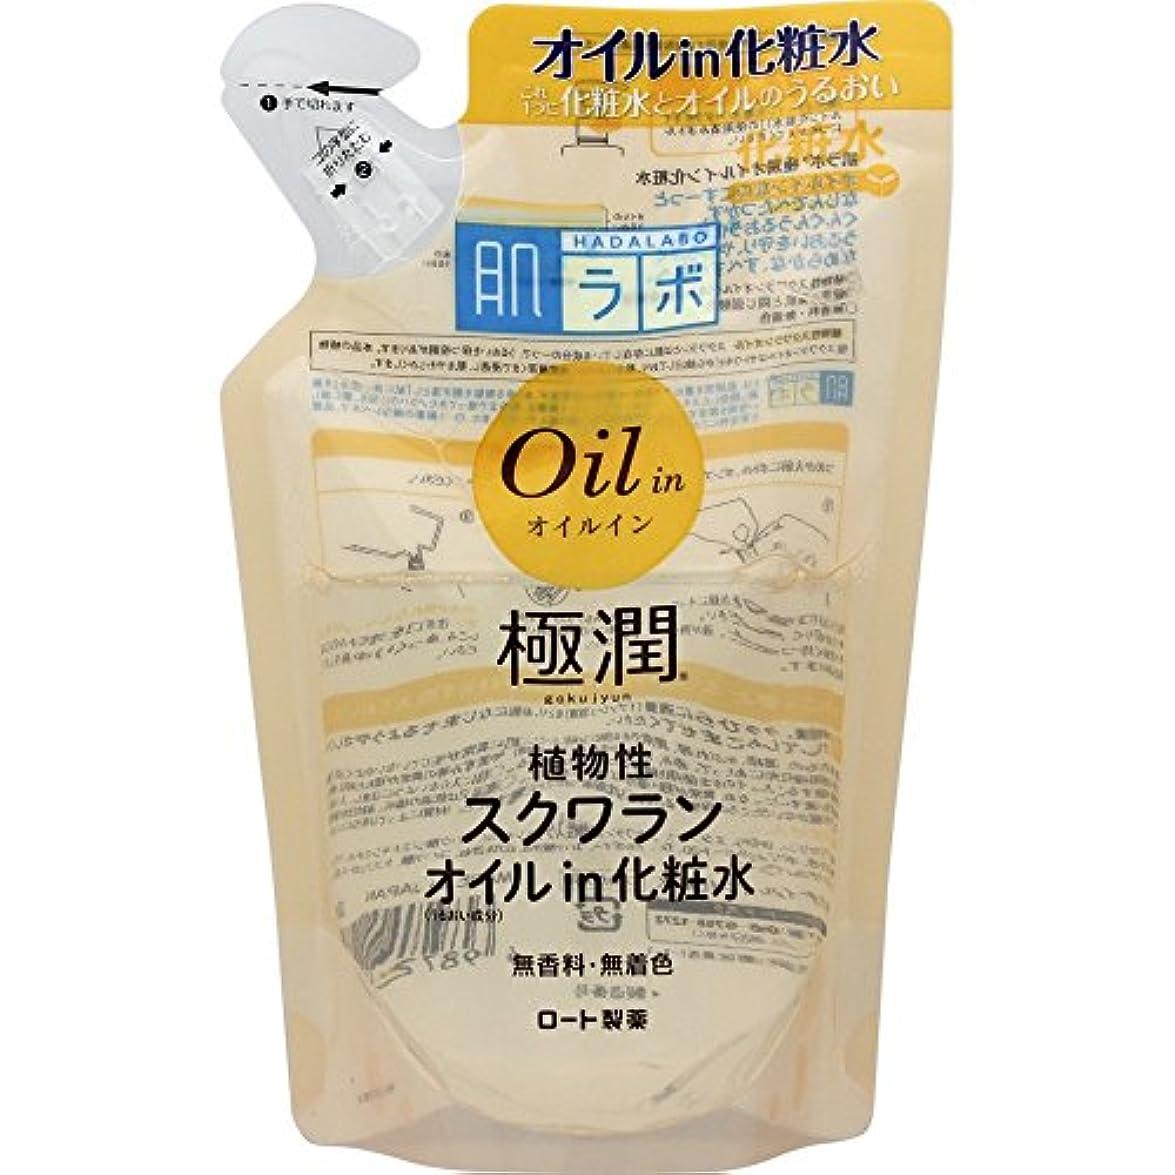 肌ラボ 極潤オイルイン化粧水 <詰替用> 植物性スクワランオイル配合 220ml